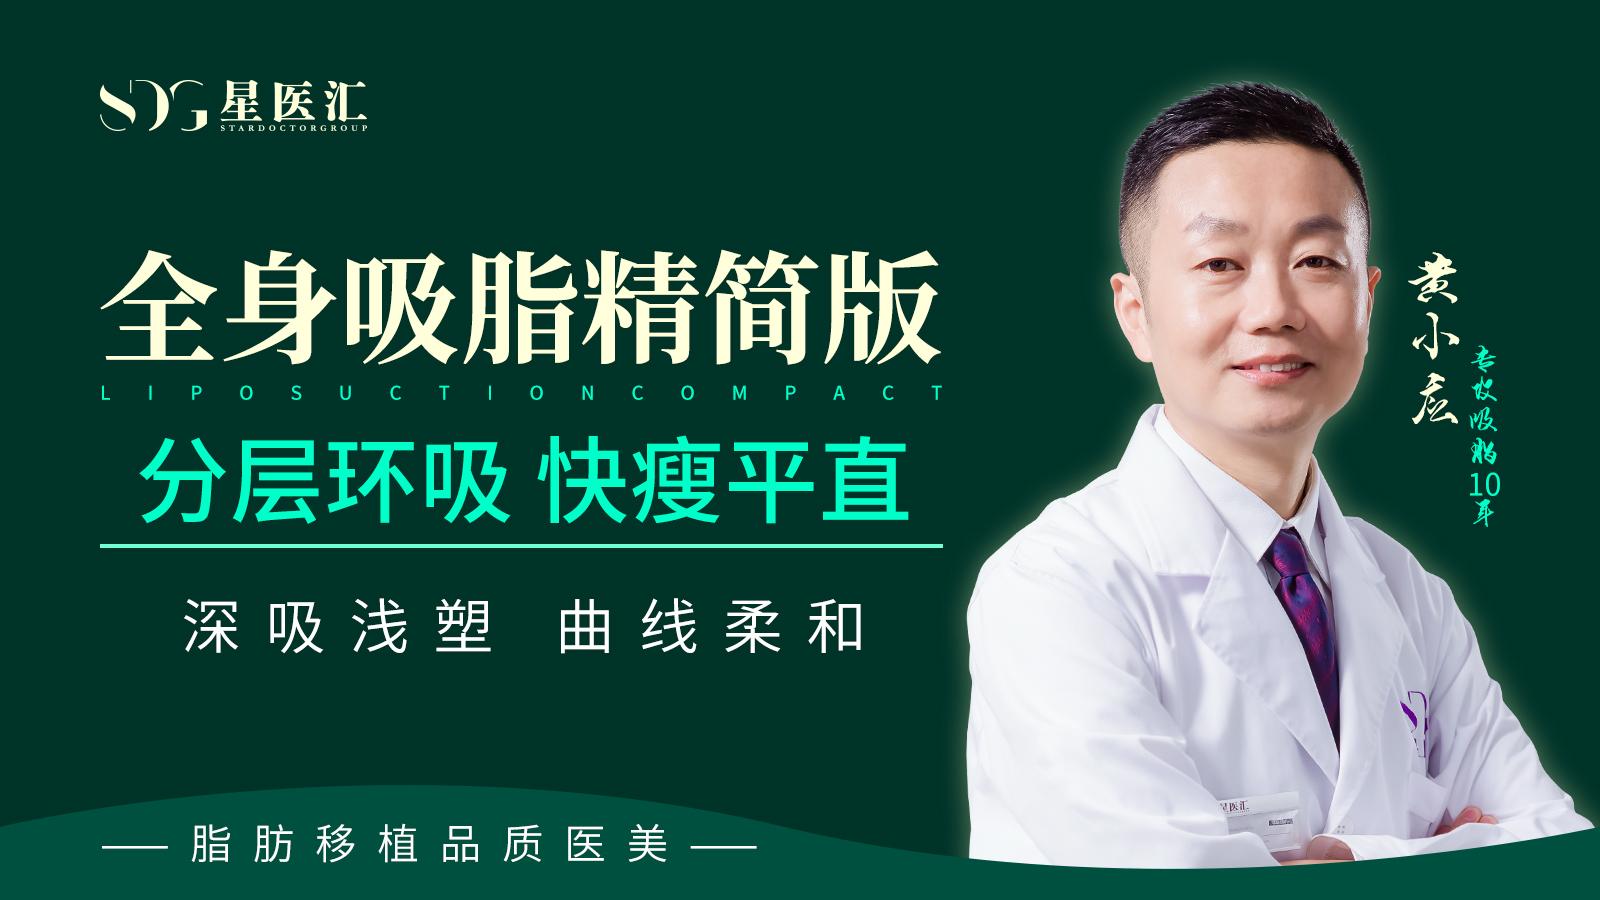 吸脂可维持多久 这点很关键_北京专业吸脂品质机构